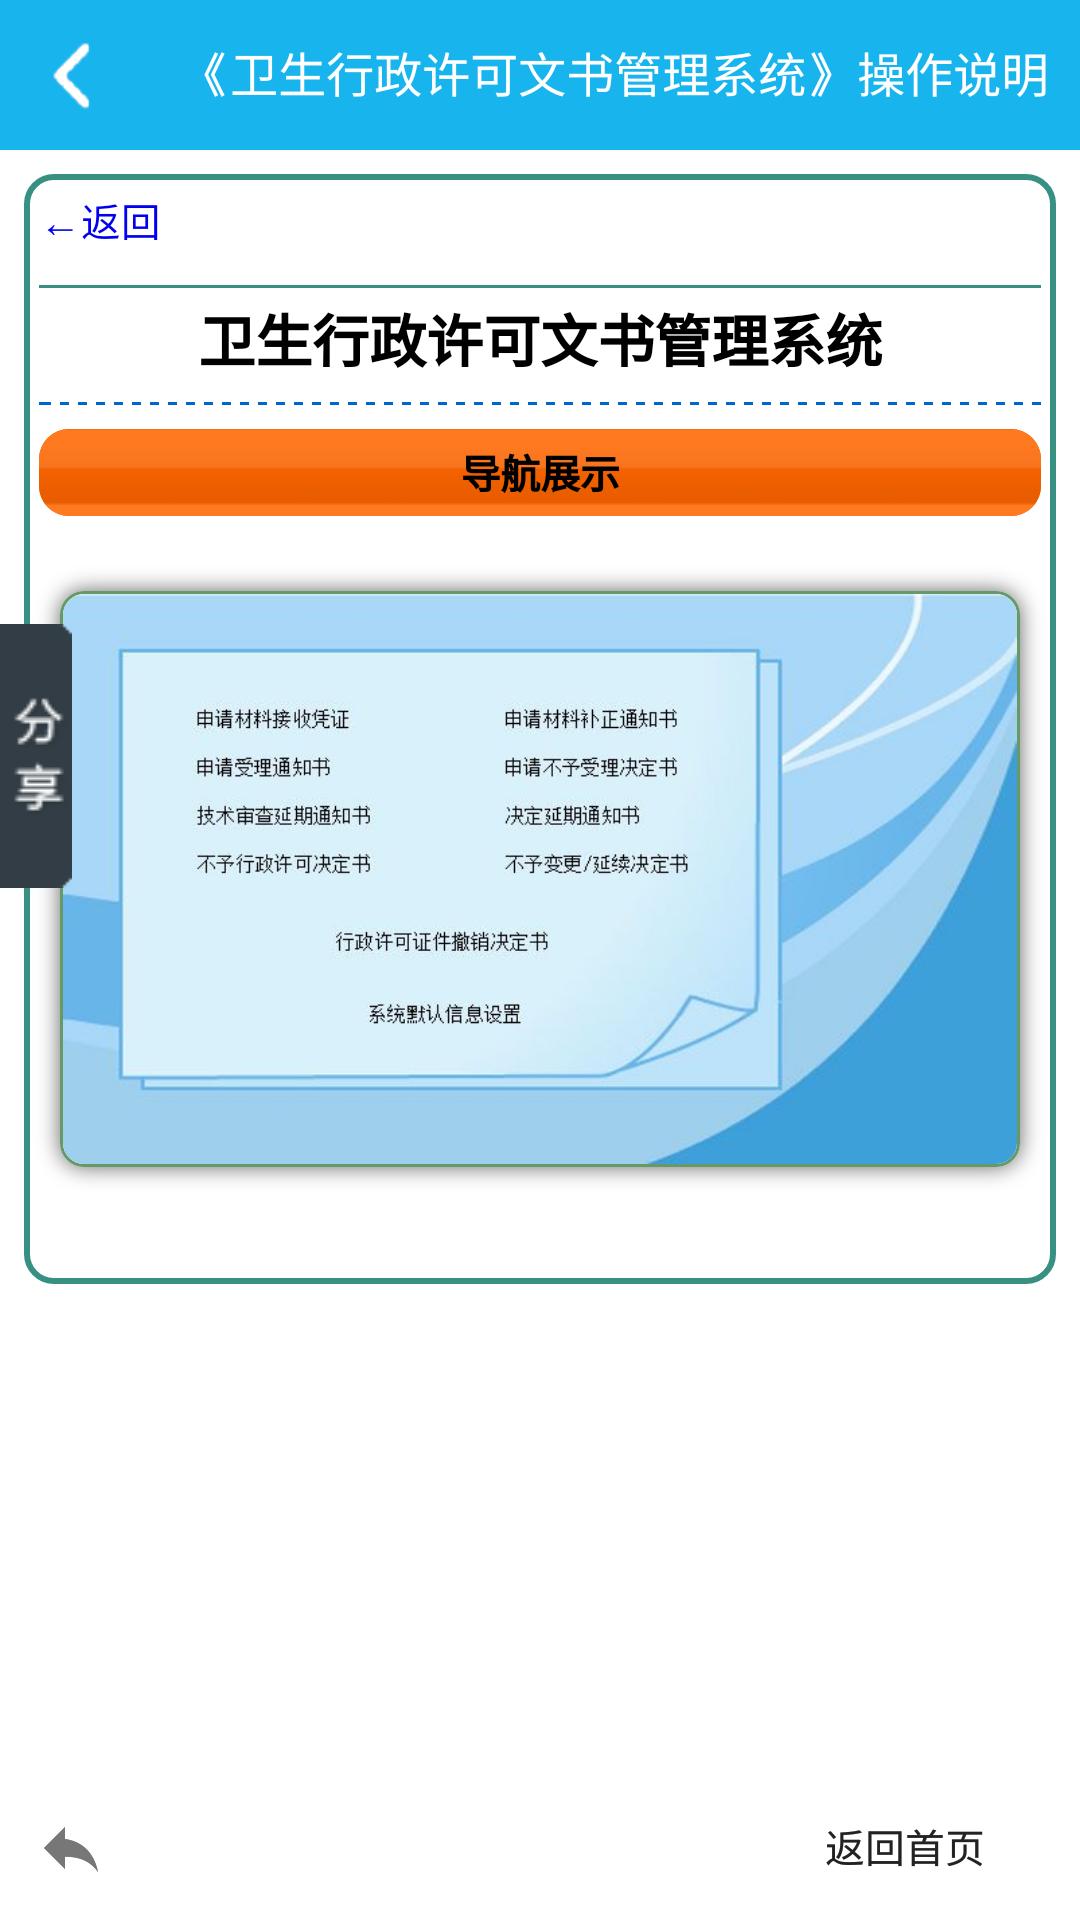 卫生行政管理系统截图